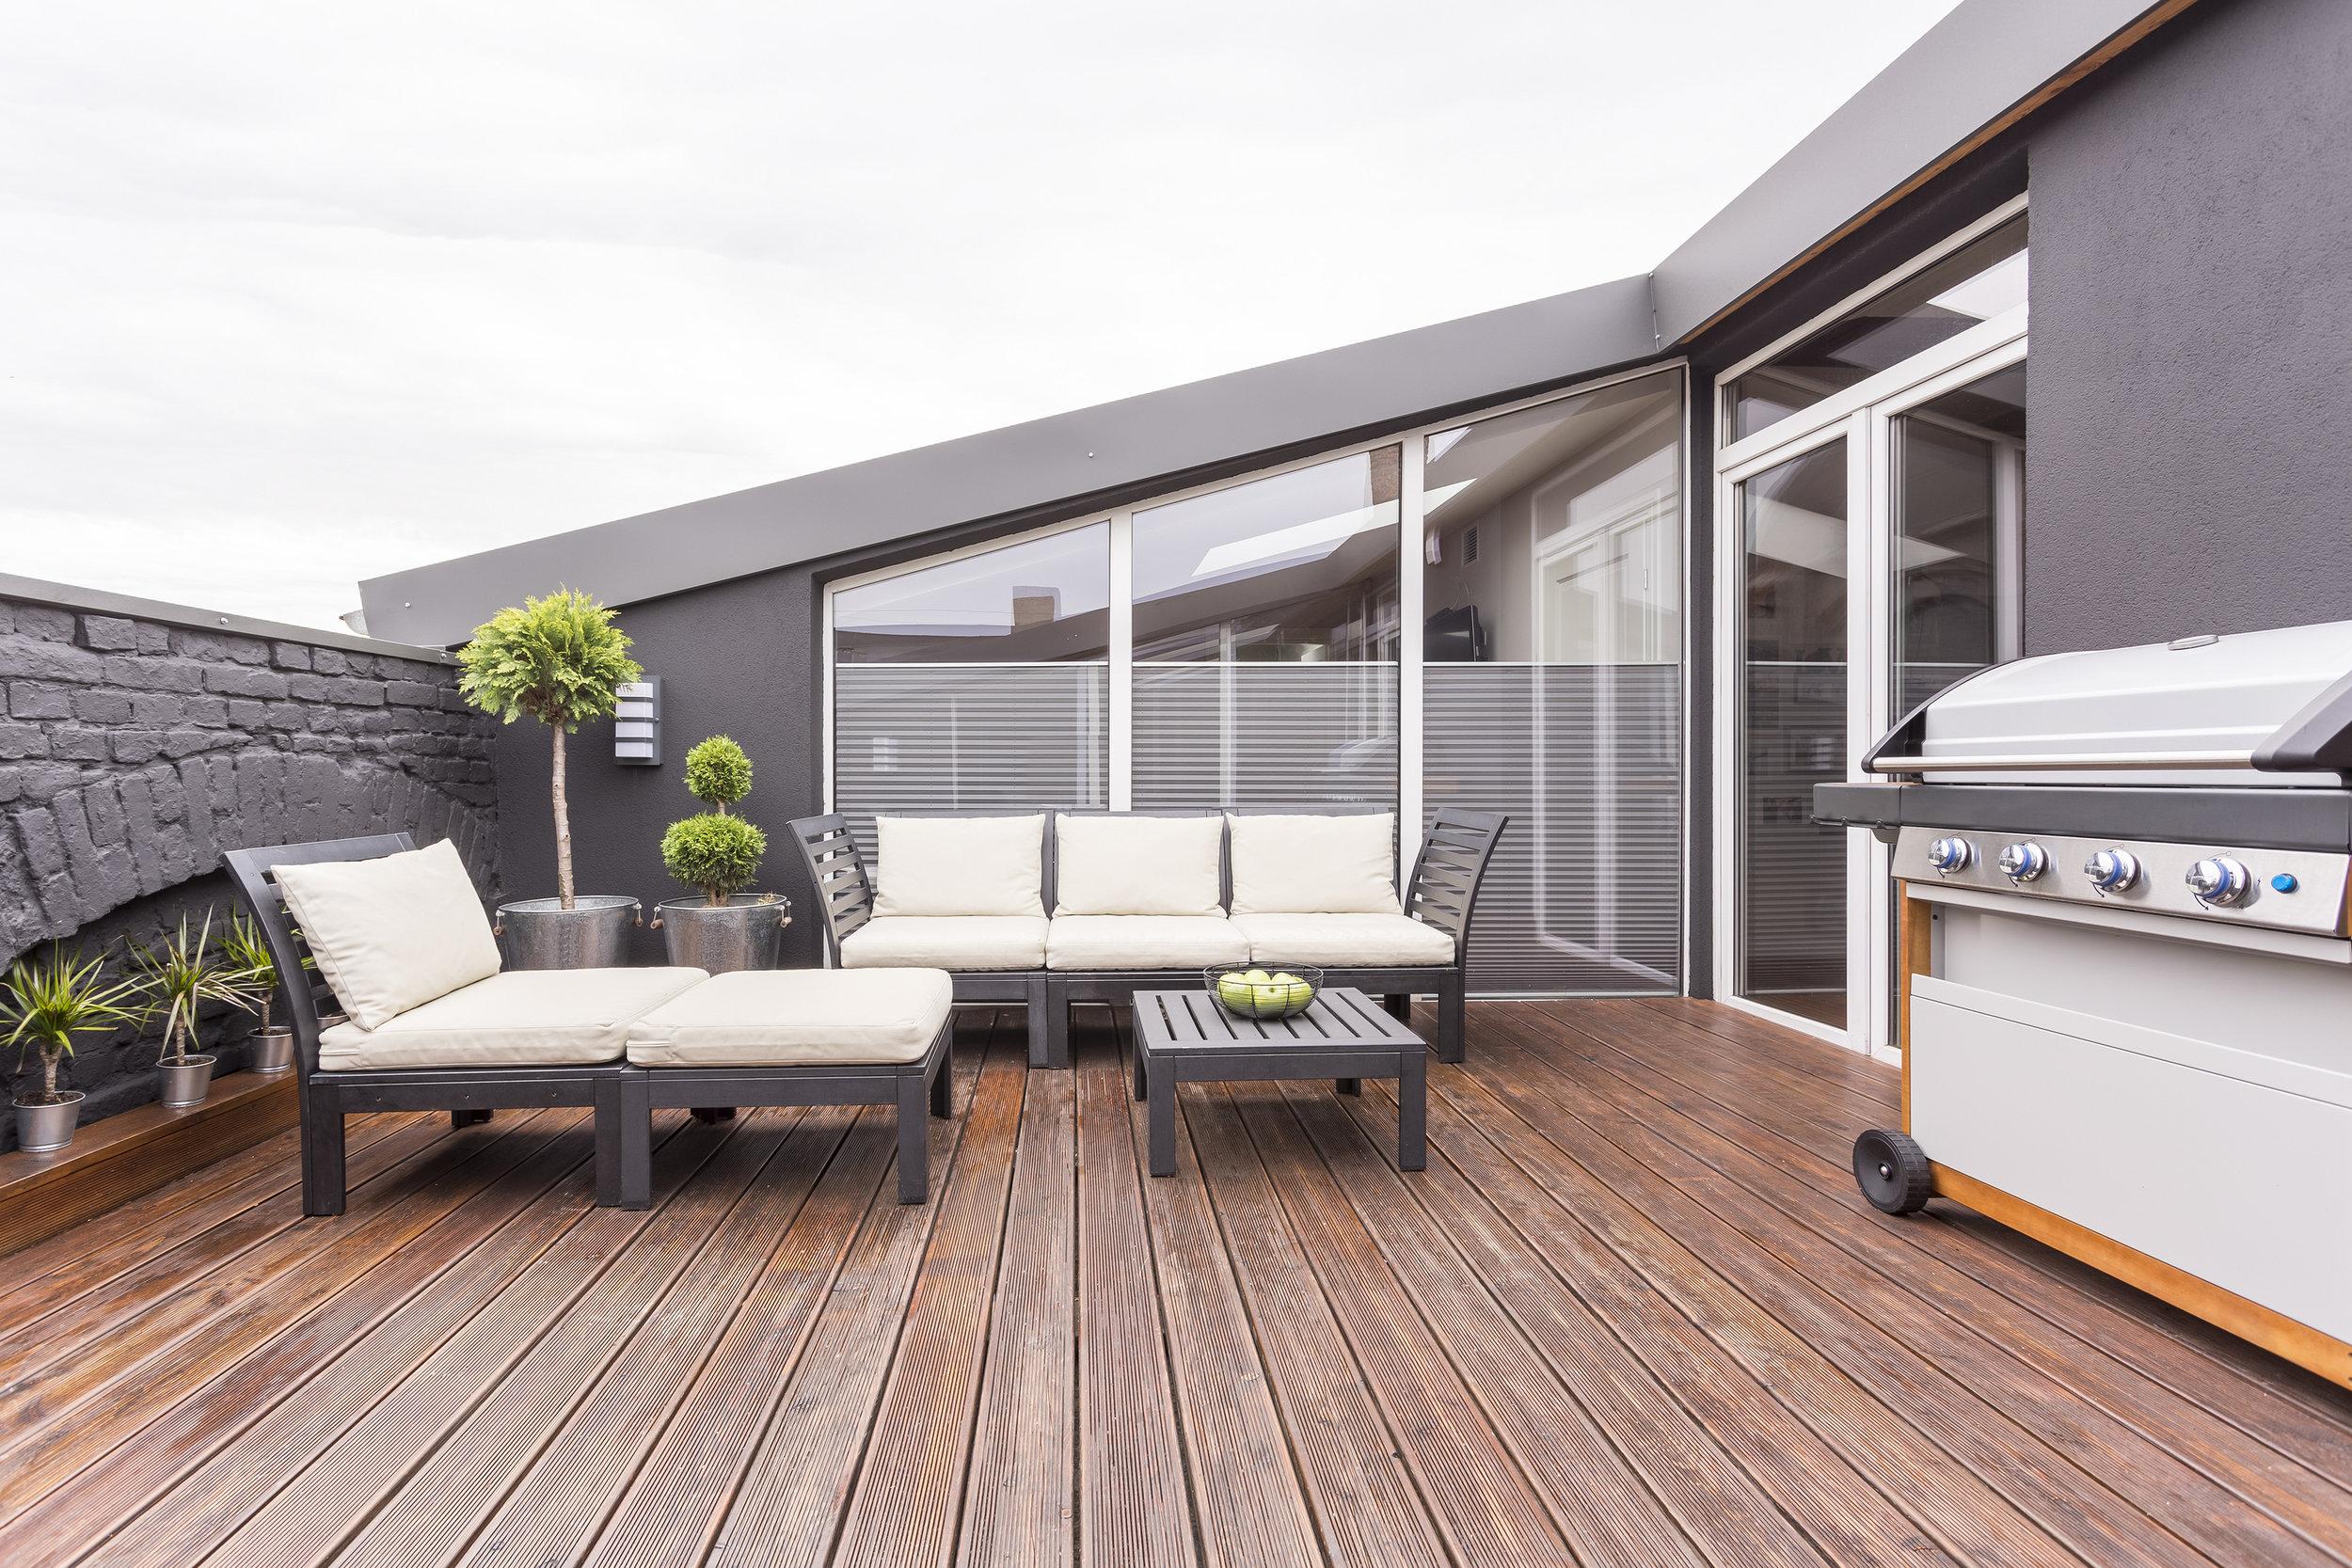 bigstock-Cozy-Terrace-With-Wooden-Floor-214490812.jpg